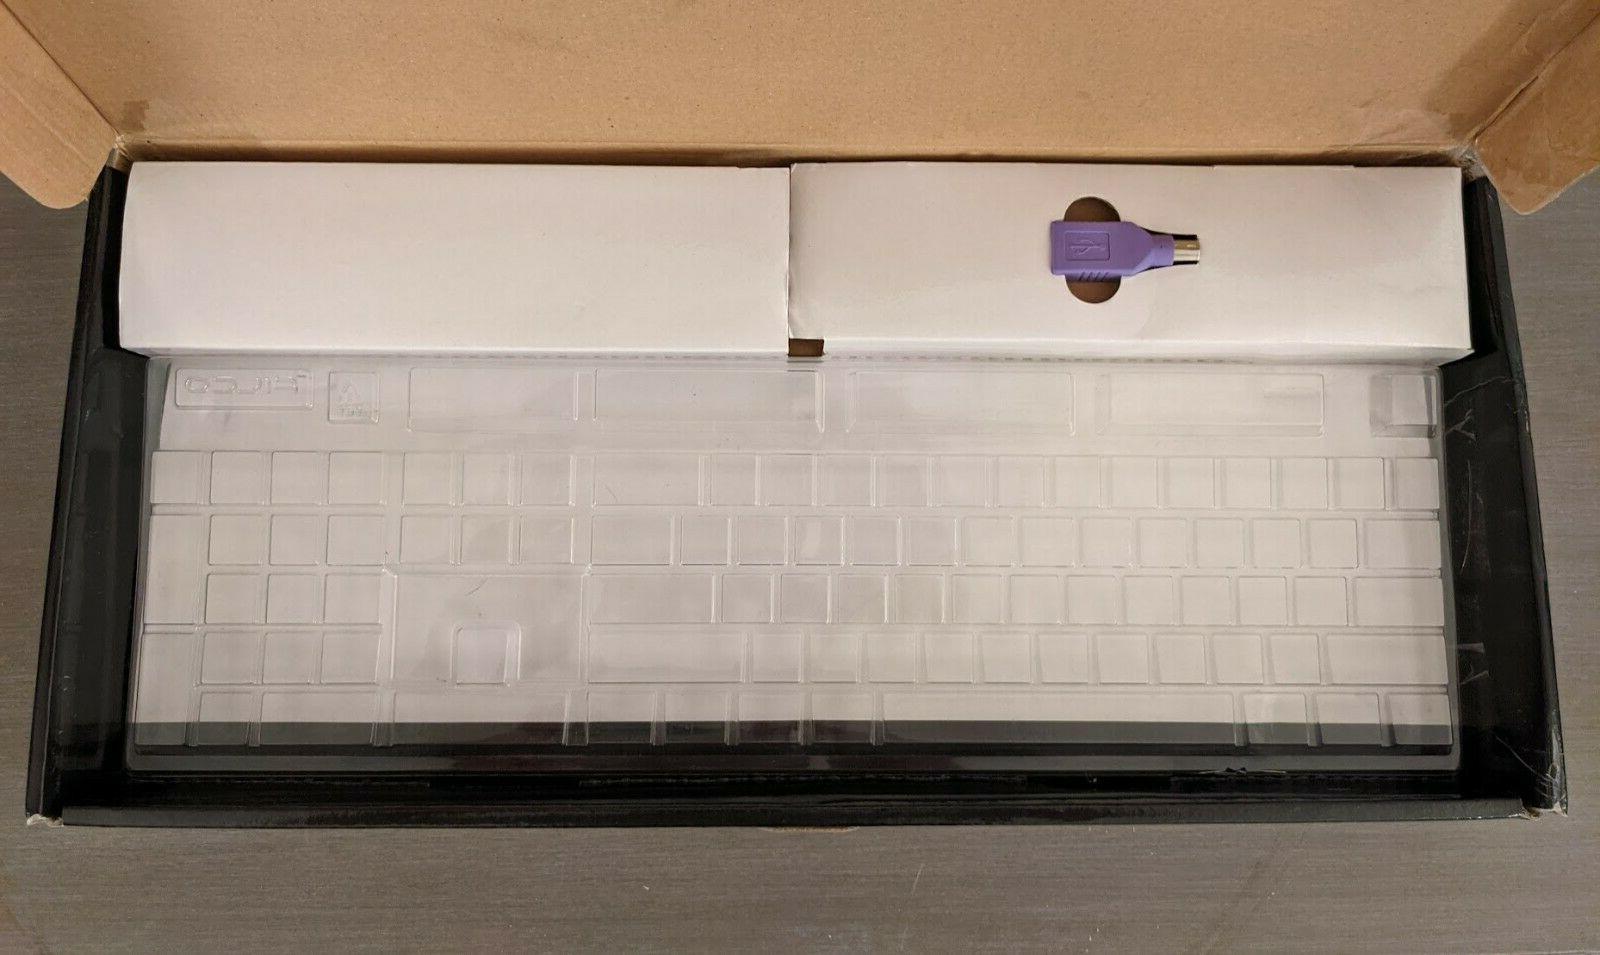 Filco Majestouch Size Cherry MX Mechanical Keyboard Box